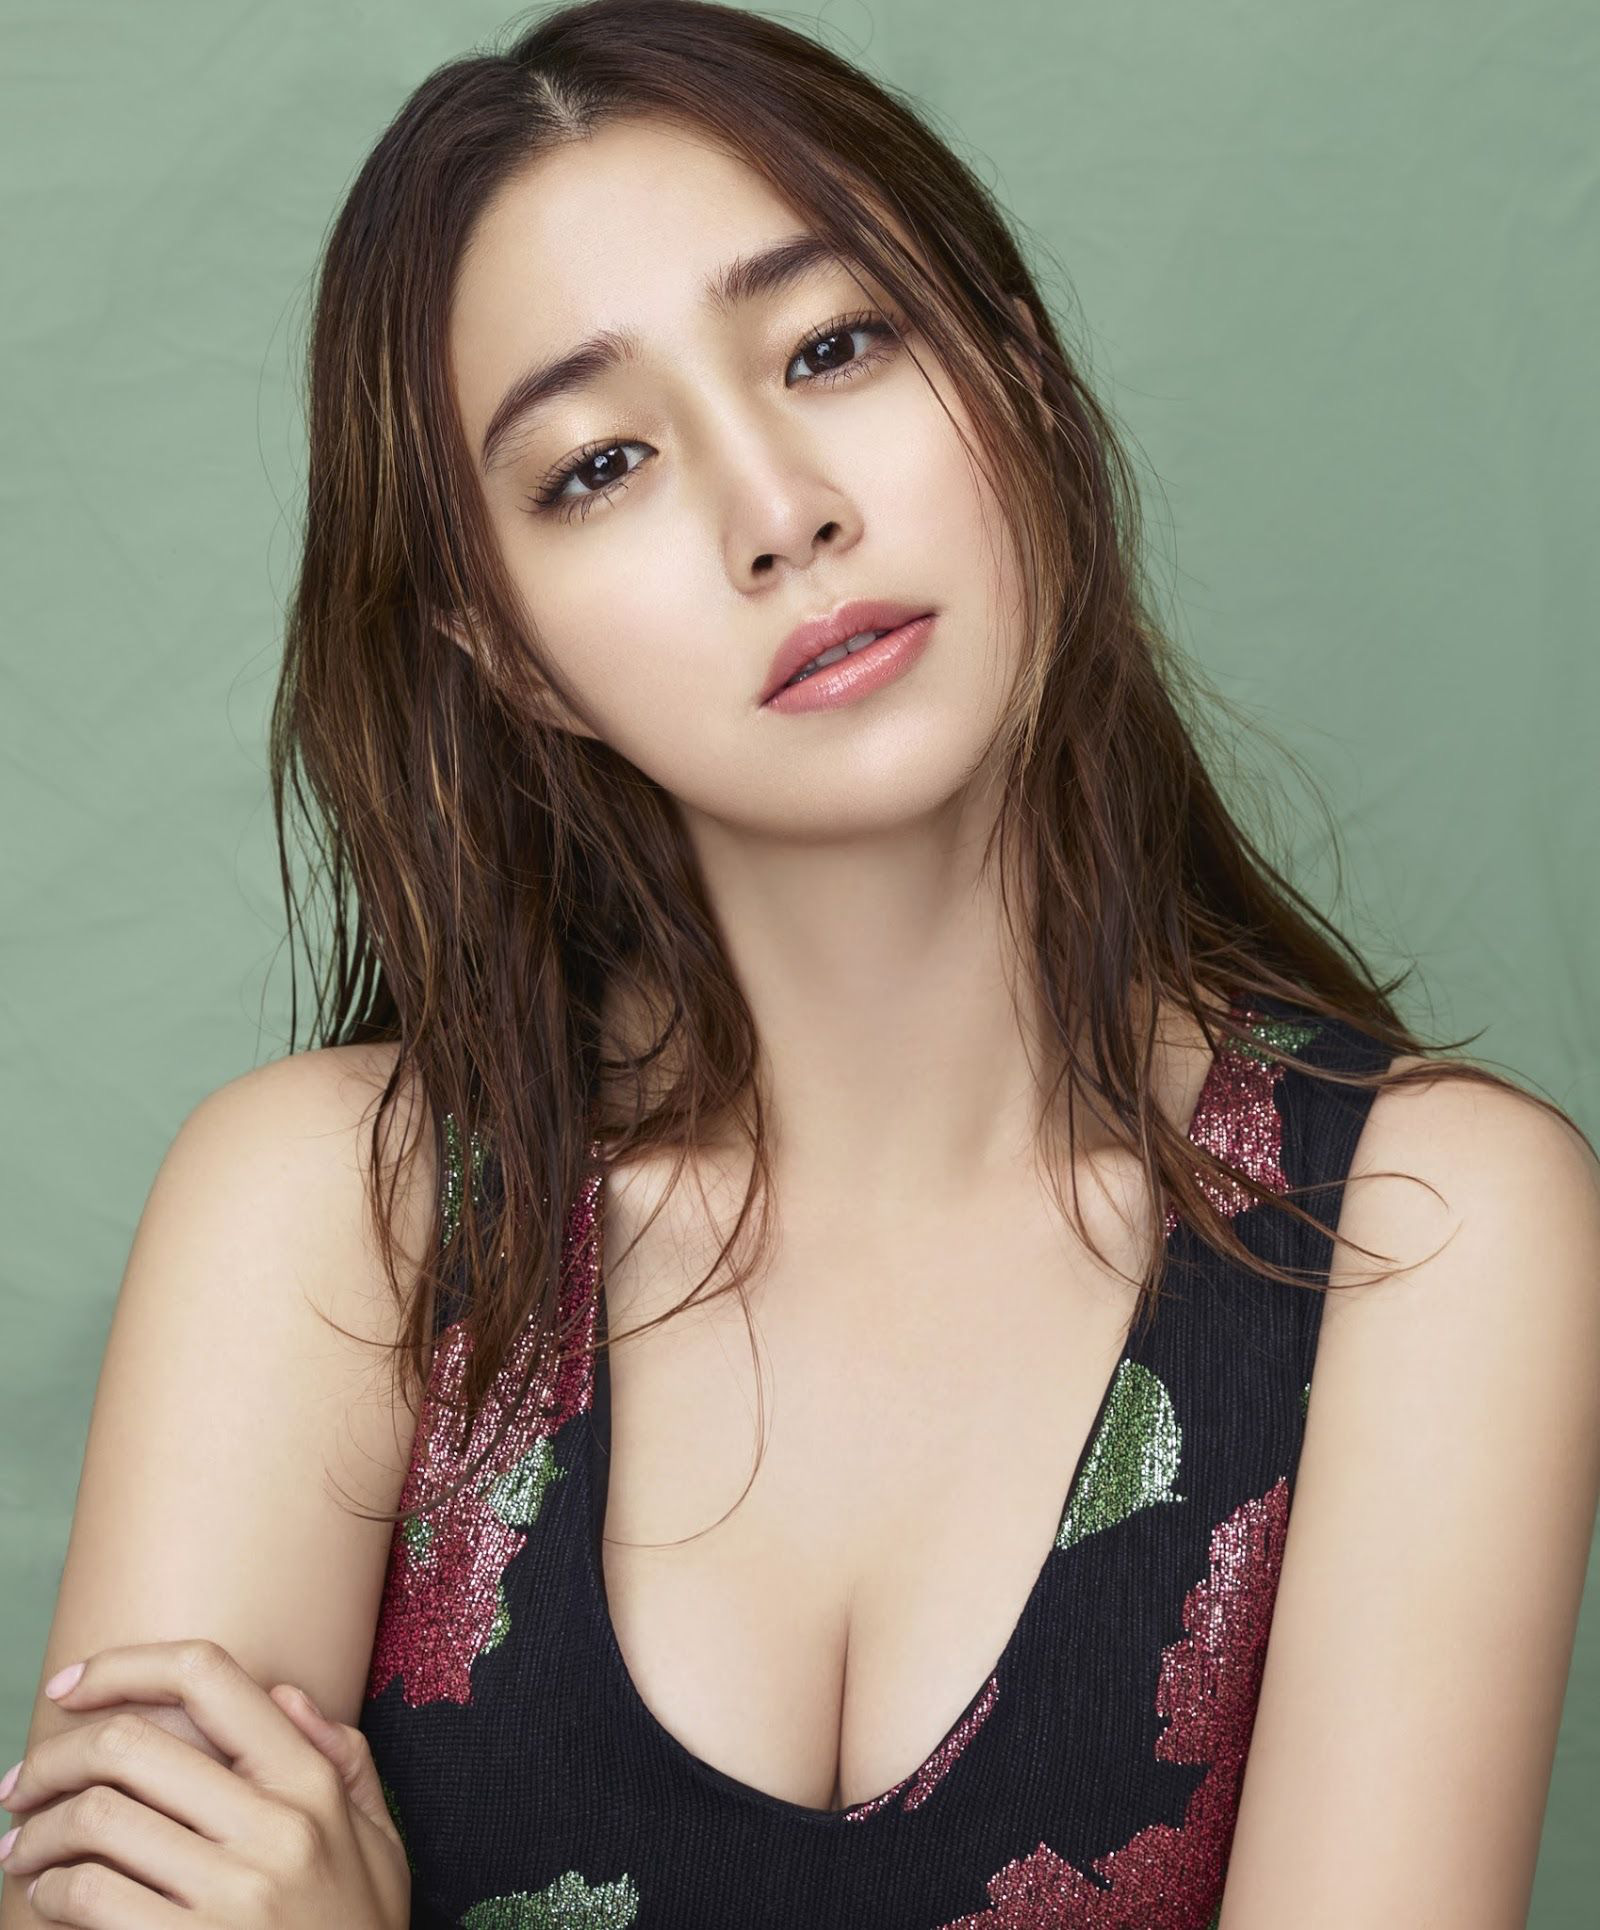 10 diễn viên Kbiz xuất thân trâm anh thế phiệt: Tài tử The Heirs giàu nứt khố đổ vách, Siwon là hậu duệ vua Hàn Quốc - Ảnh 3.